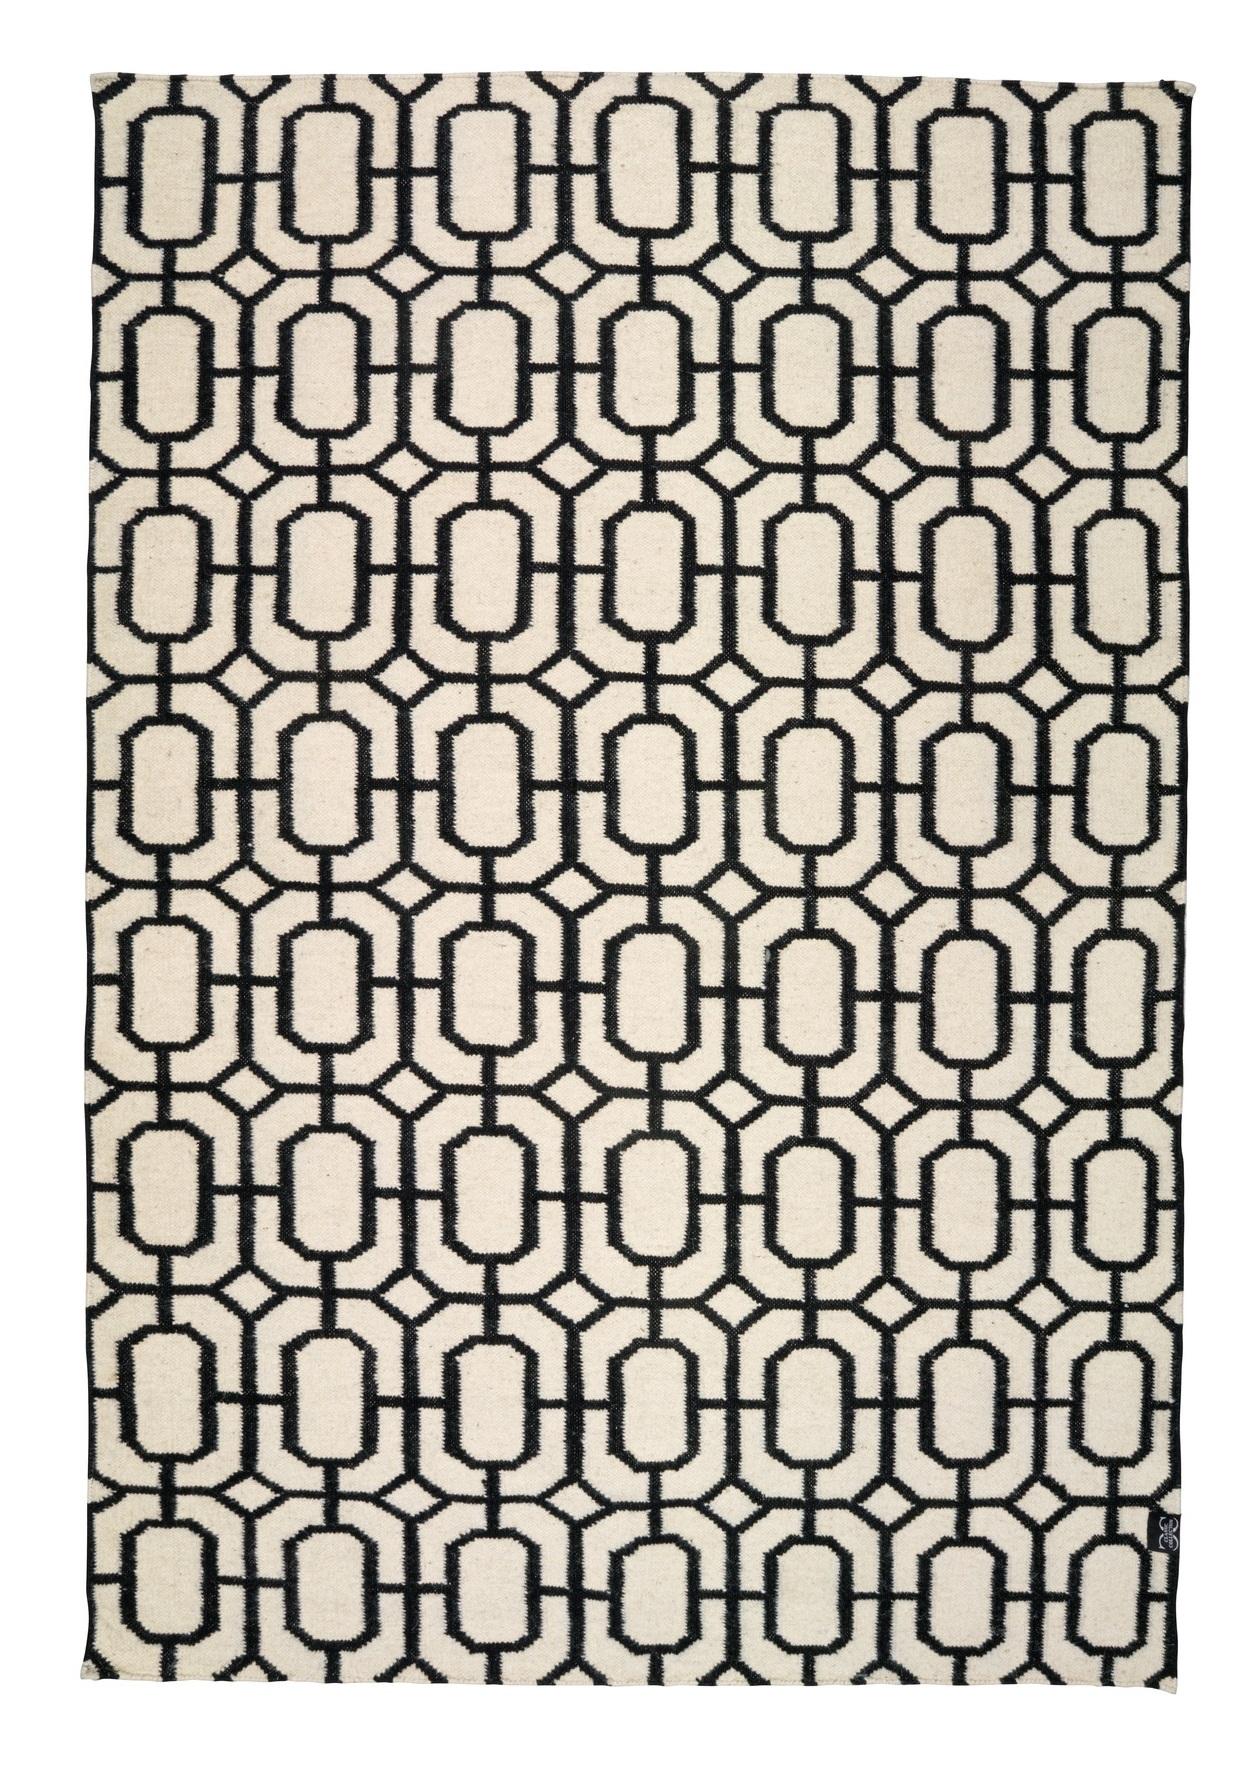 Ming matta – White/black